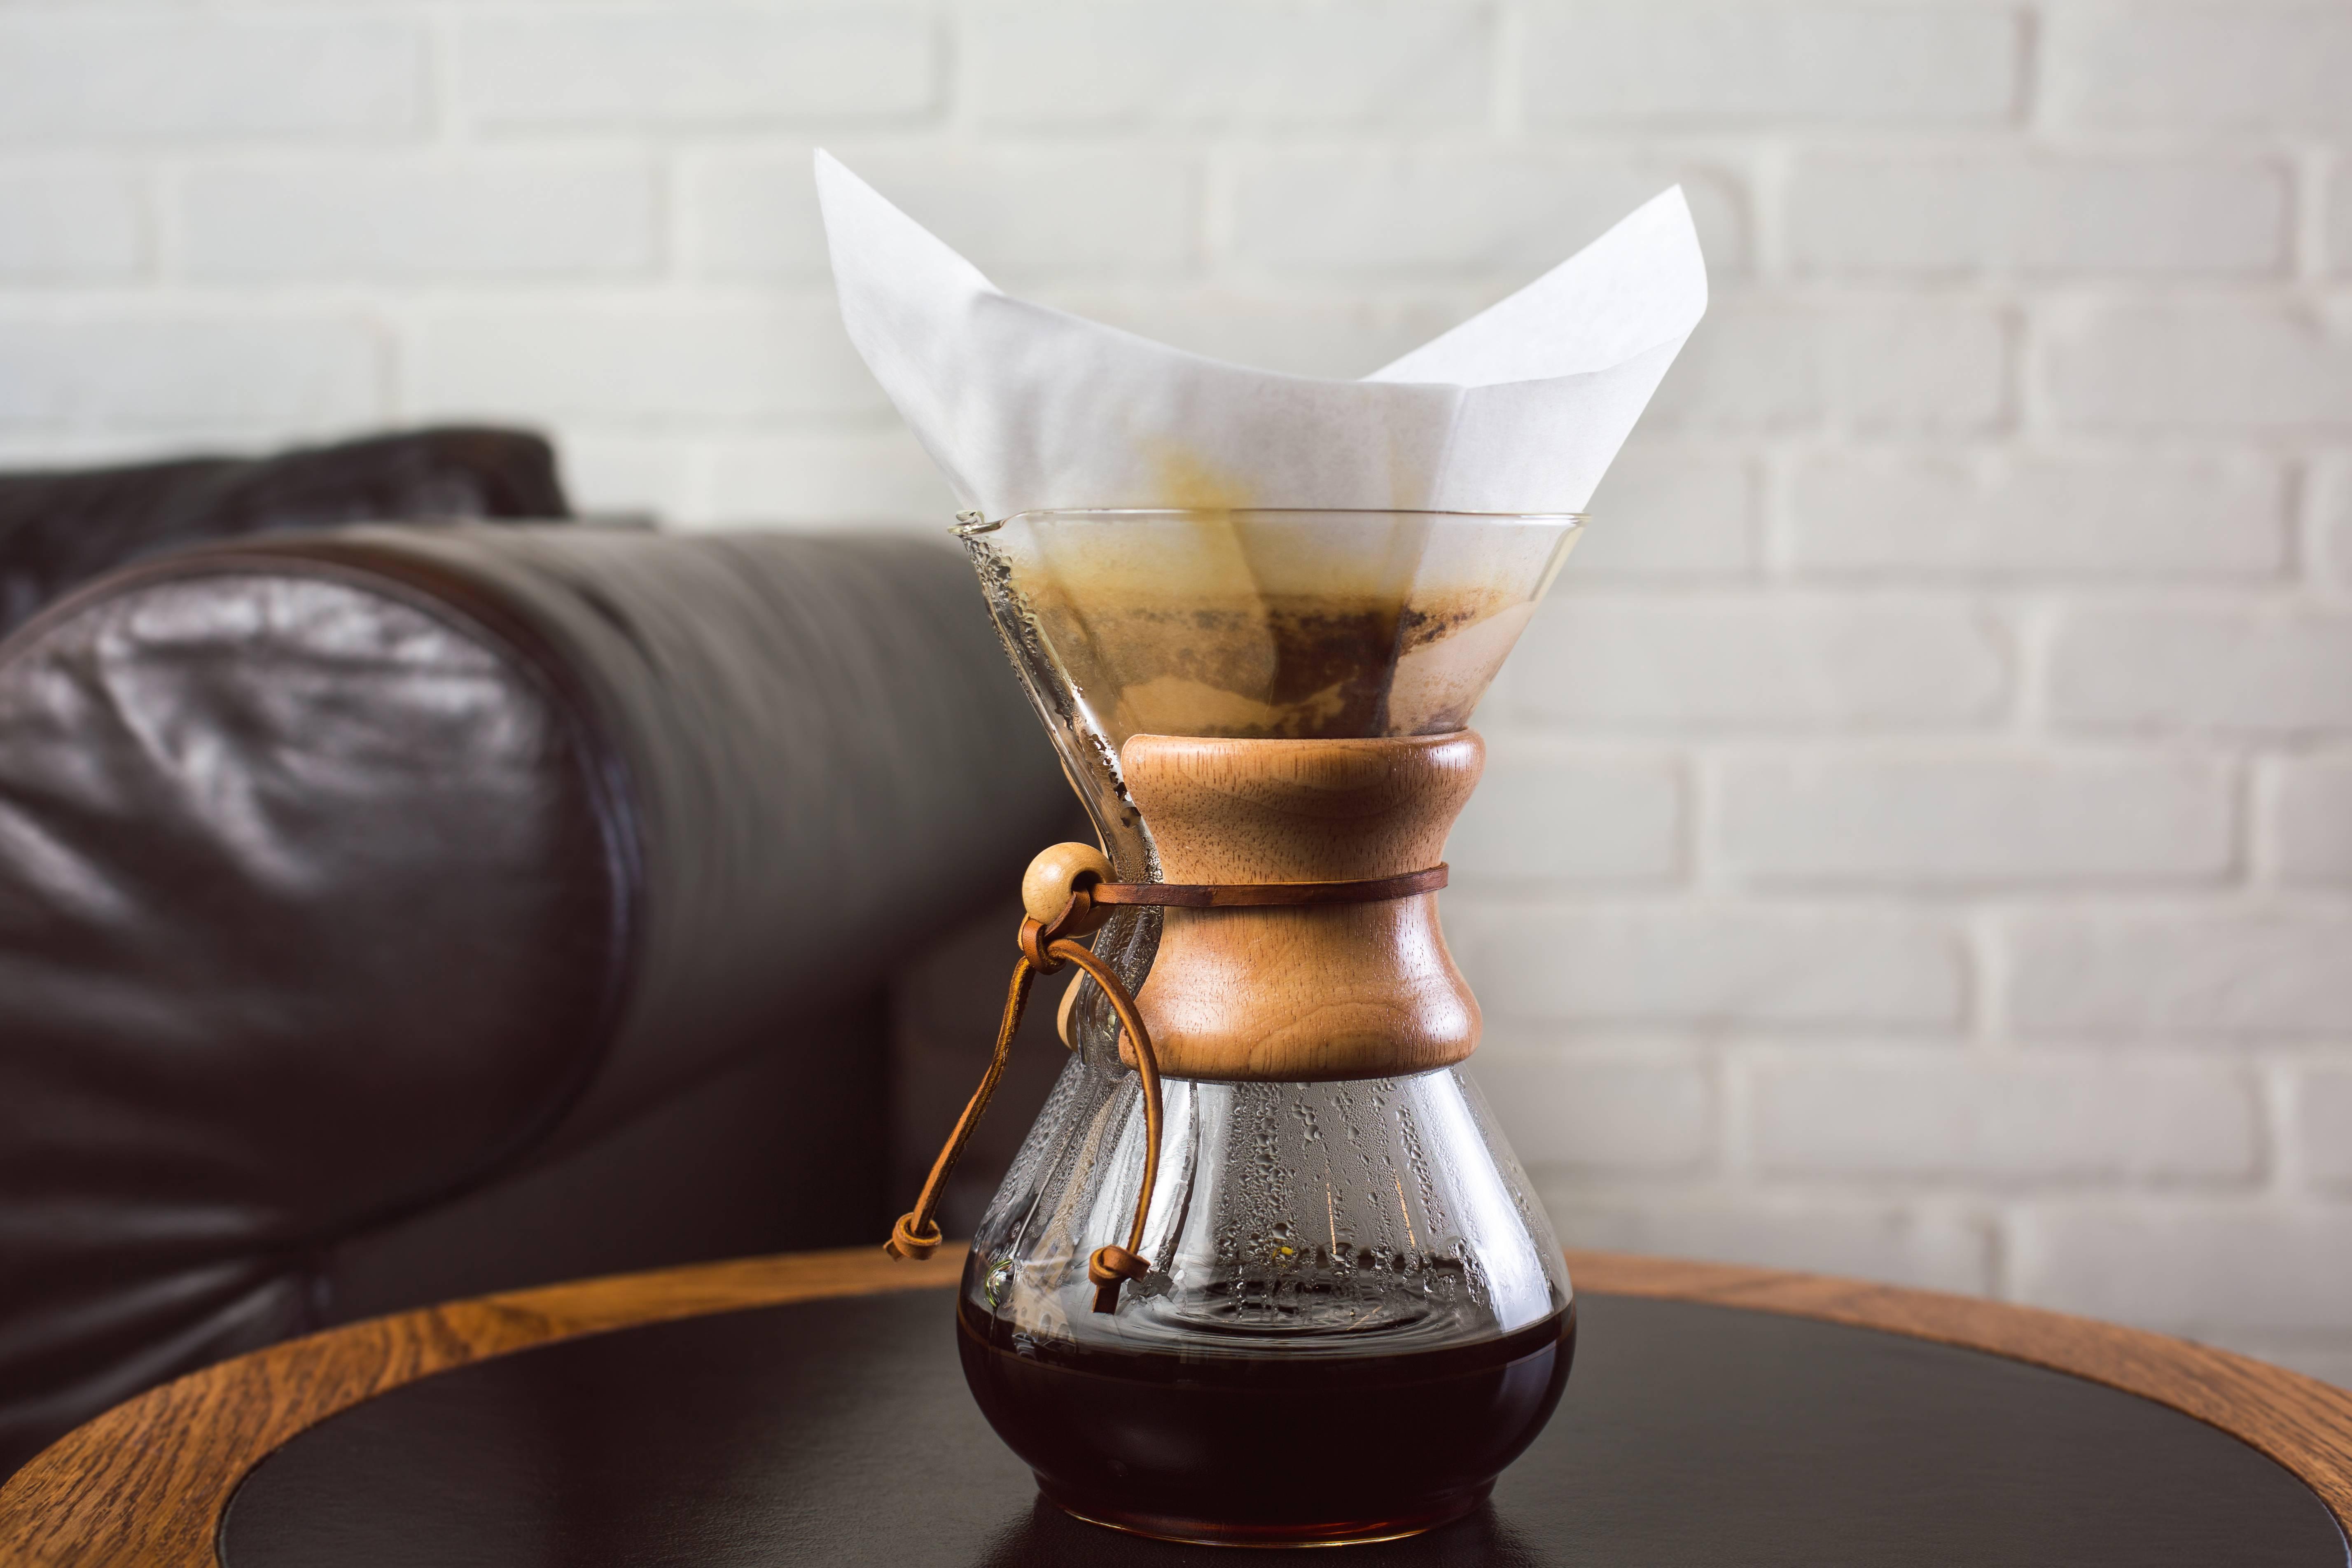 Как заваривать кофе в кемексе: методика приготовления